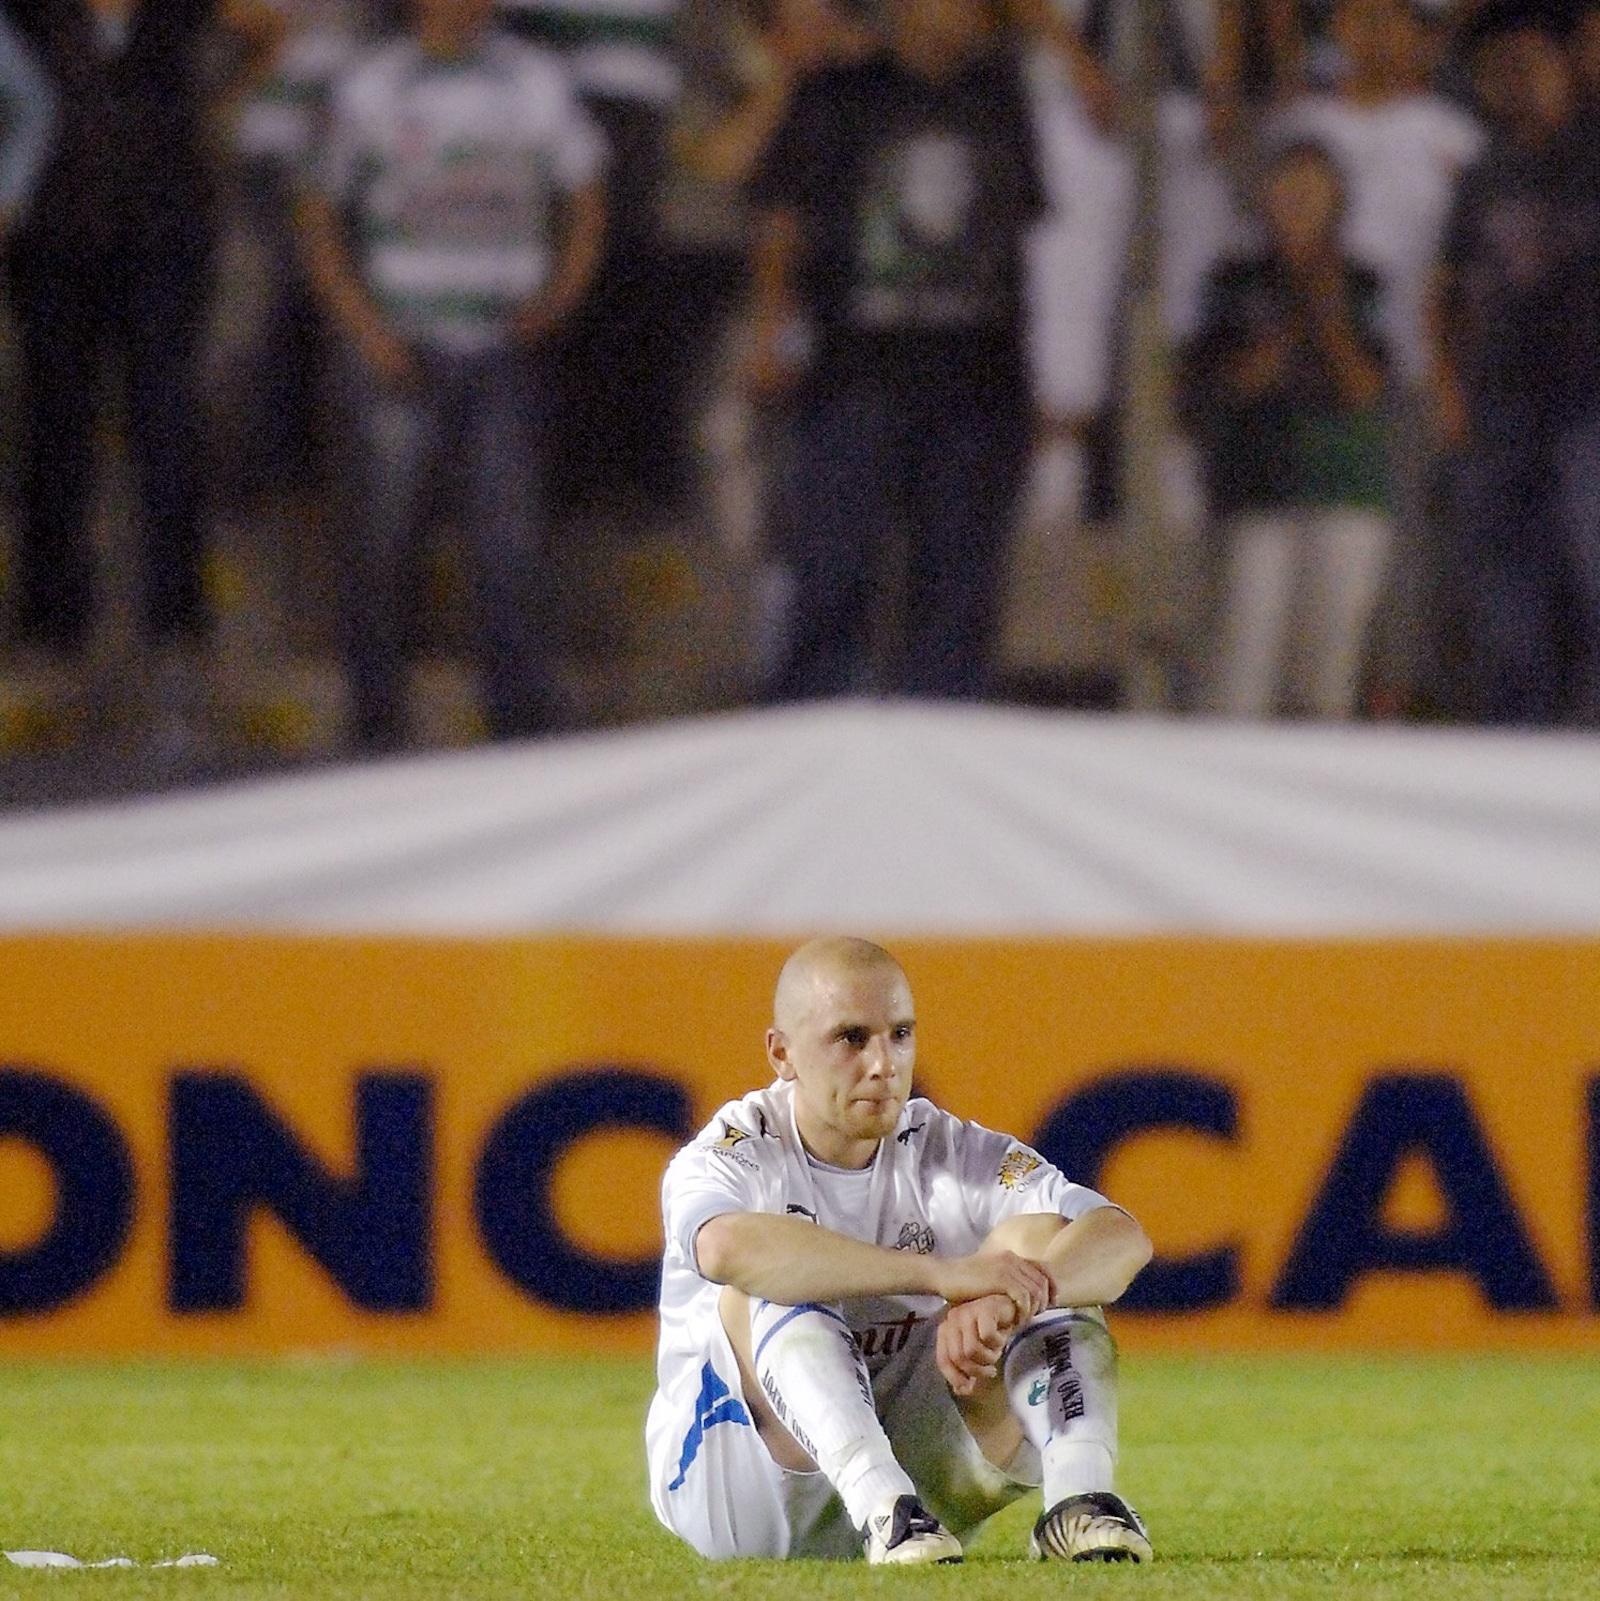 Sandro Grande, de l'Impact de Montréal, reste sur le terrain du stade Corona, au Mexique, après la défaite de son équipe contre Santos Laguna en Ligue des champions en 2009.